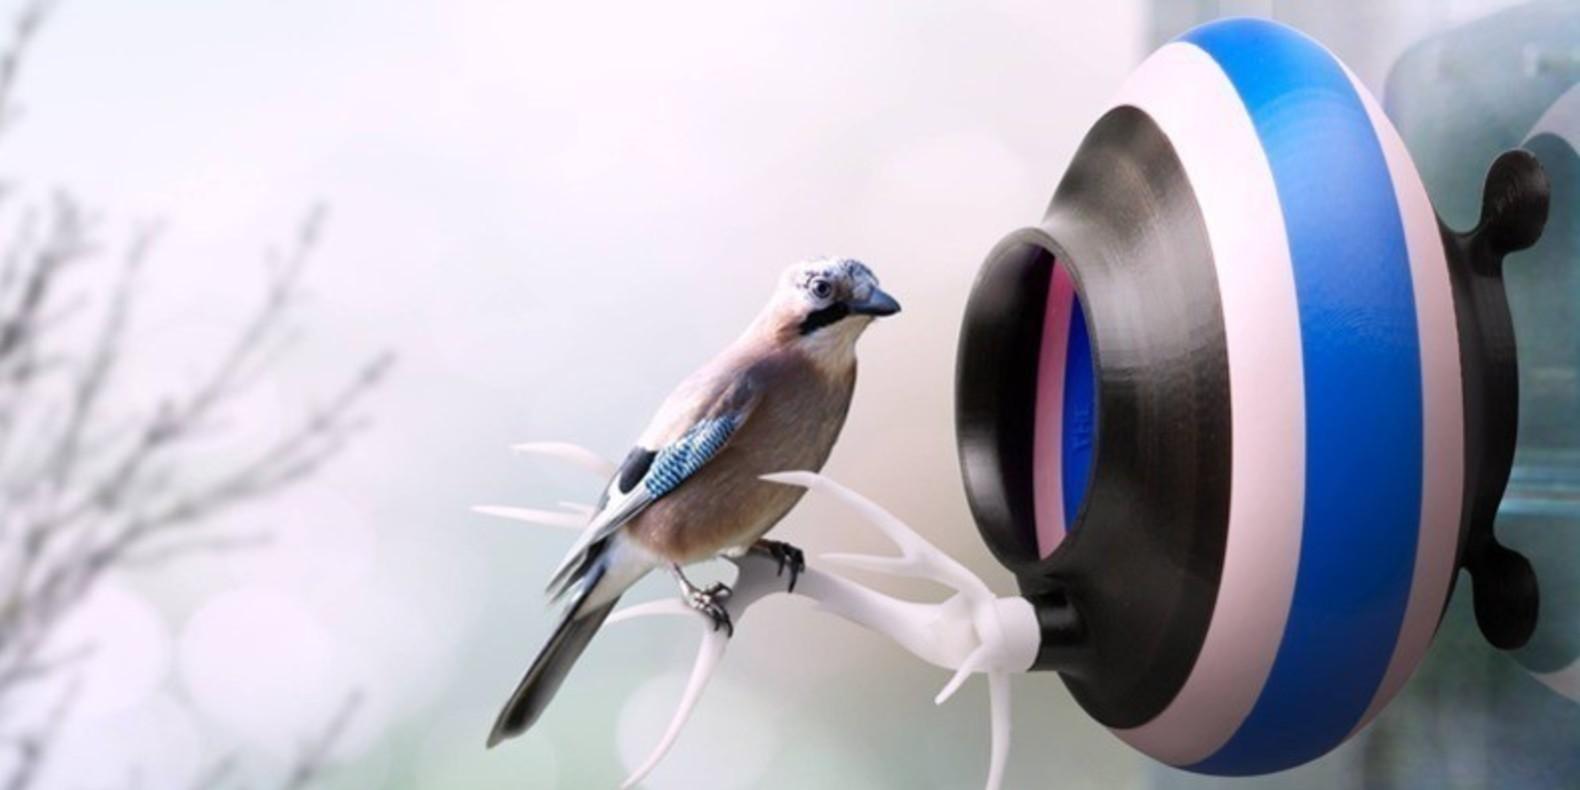 Encuentre aquí una selección de los mejores modelos 3D de nido de pájaros para hacer con una impresora 3D